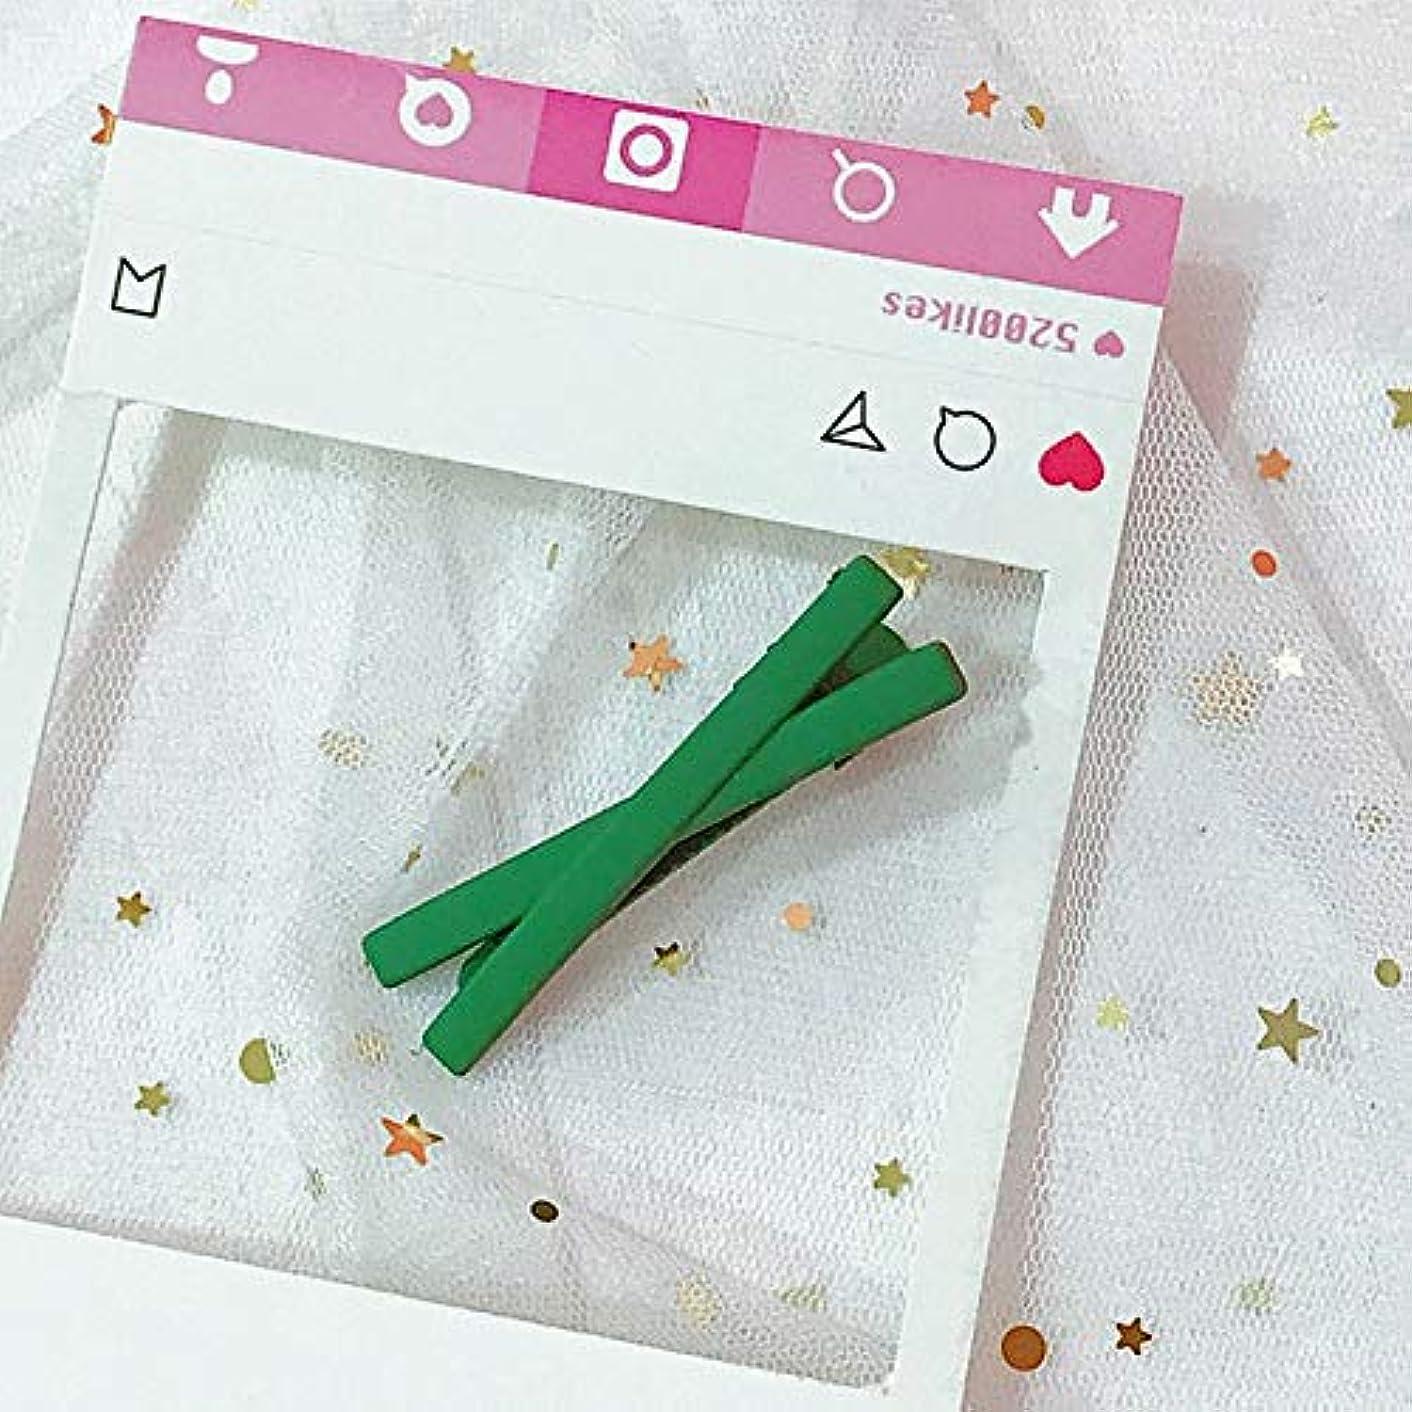 レキシコン拡張退屈HuaQingPiJu-JP ファッションシンプルなキャンディー色の子供のヘアピン便利なヘアクリップ(グリーン)